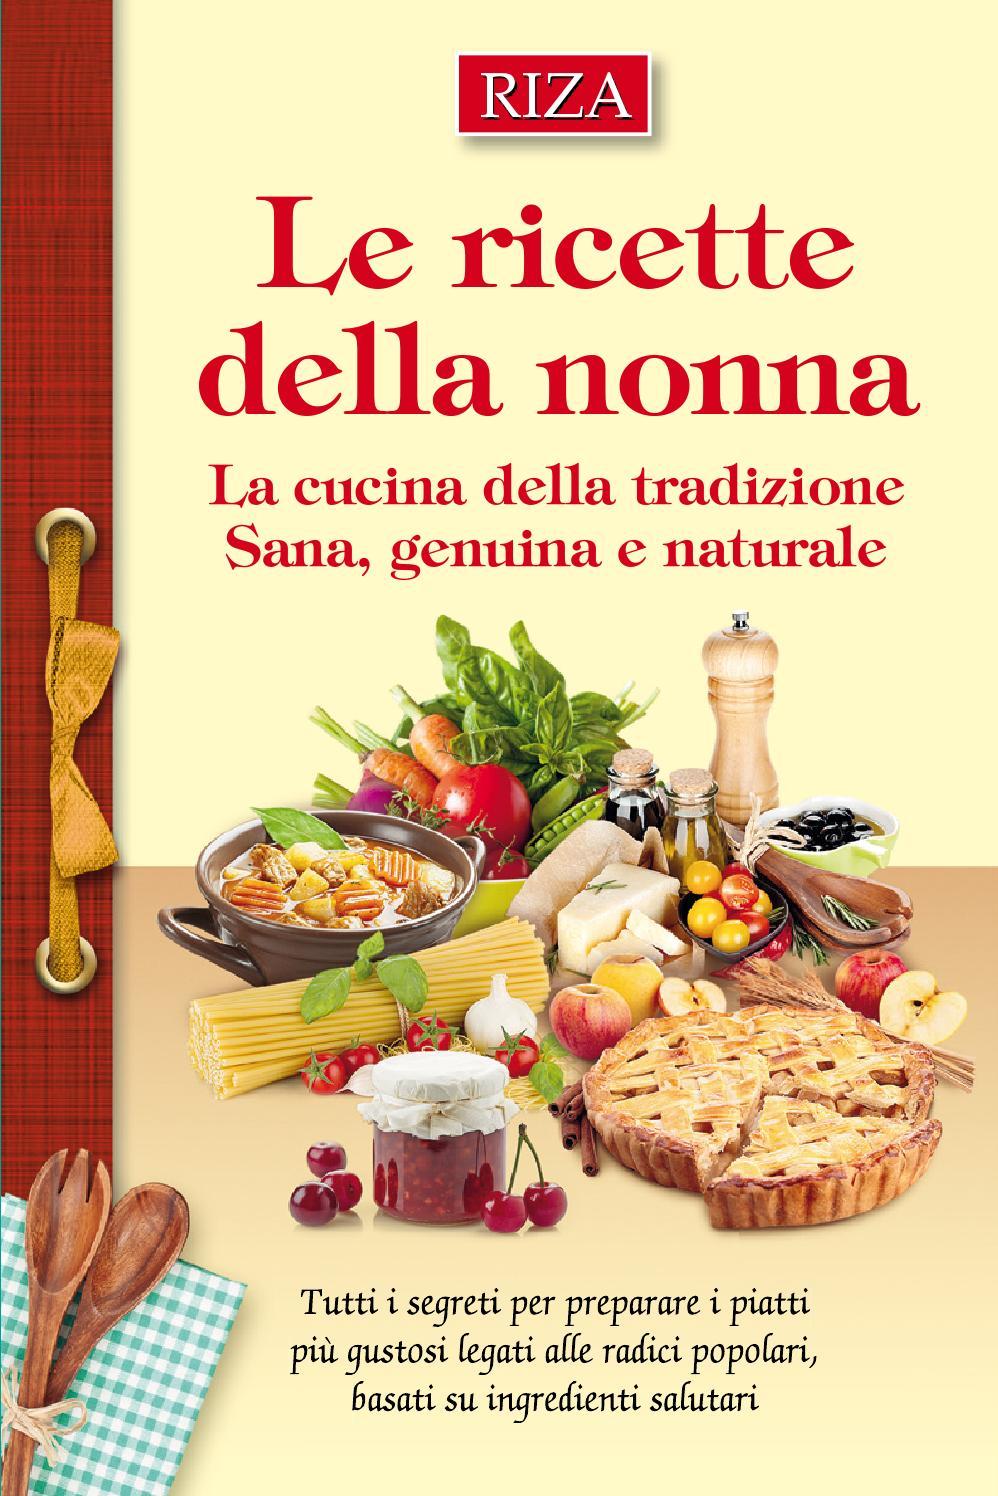 Le ricette della nonna by Edizioni Riza  Issuu